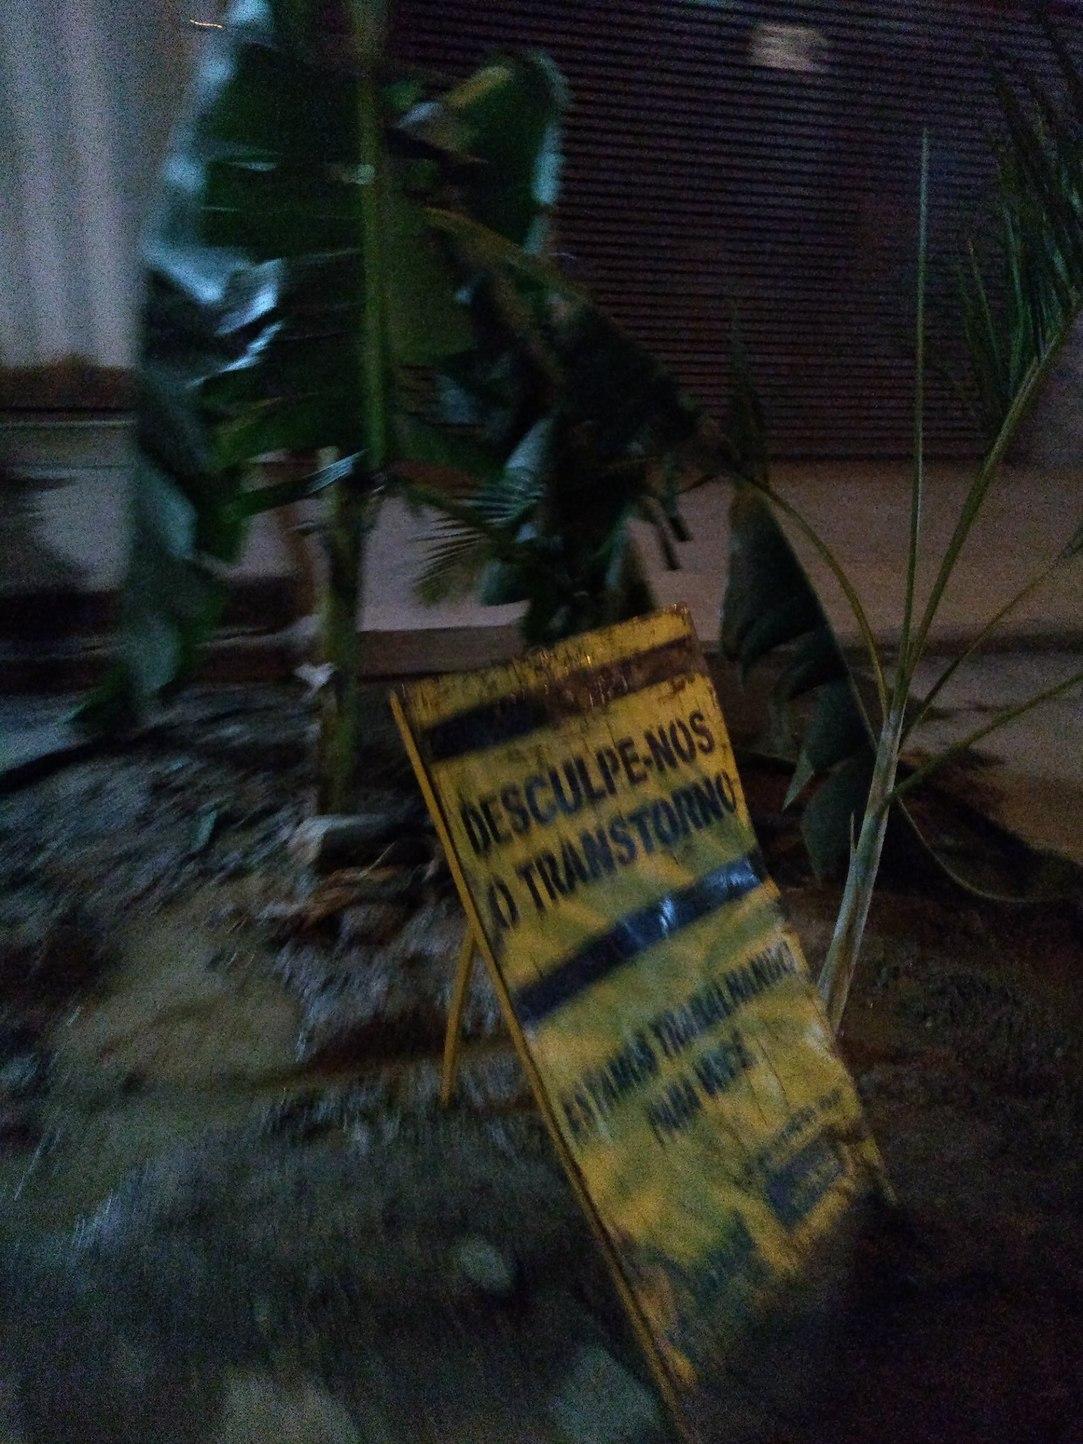 Plantaram uma bananeira no buraco do asfalto - meme